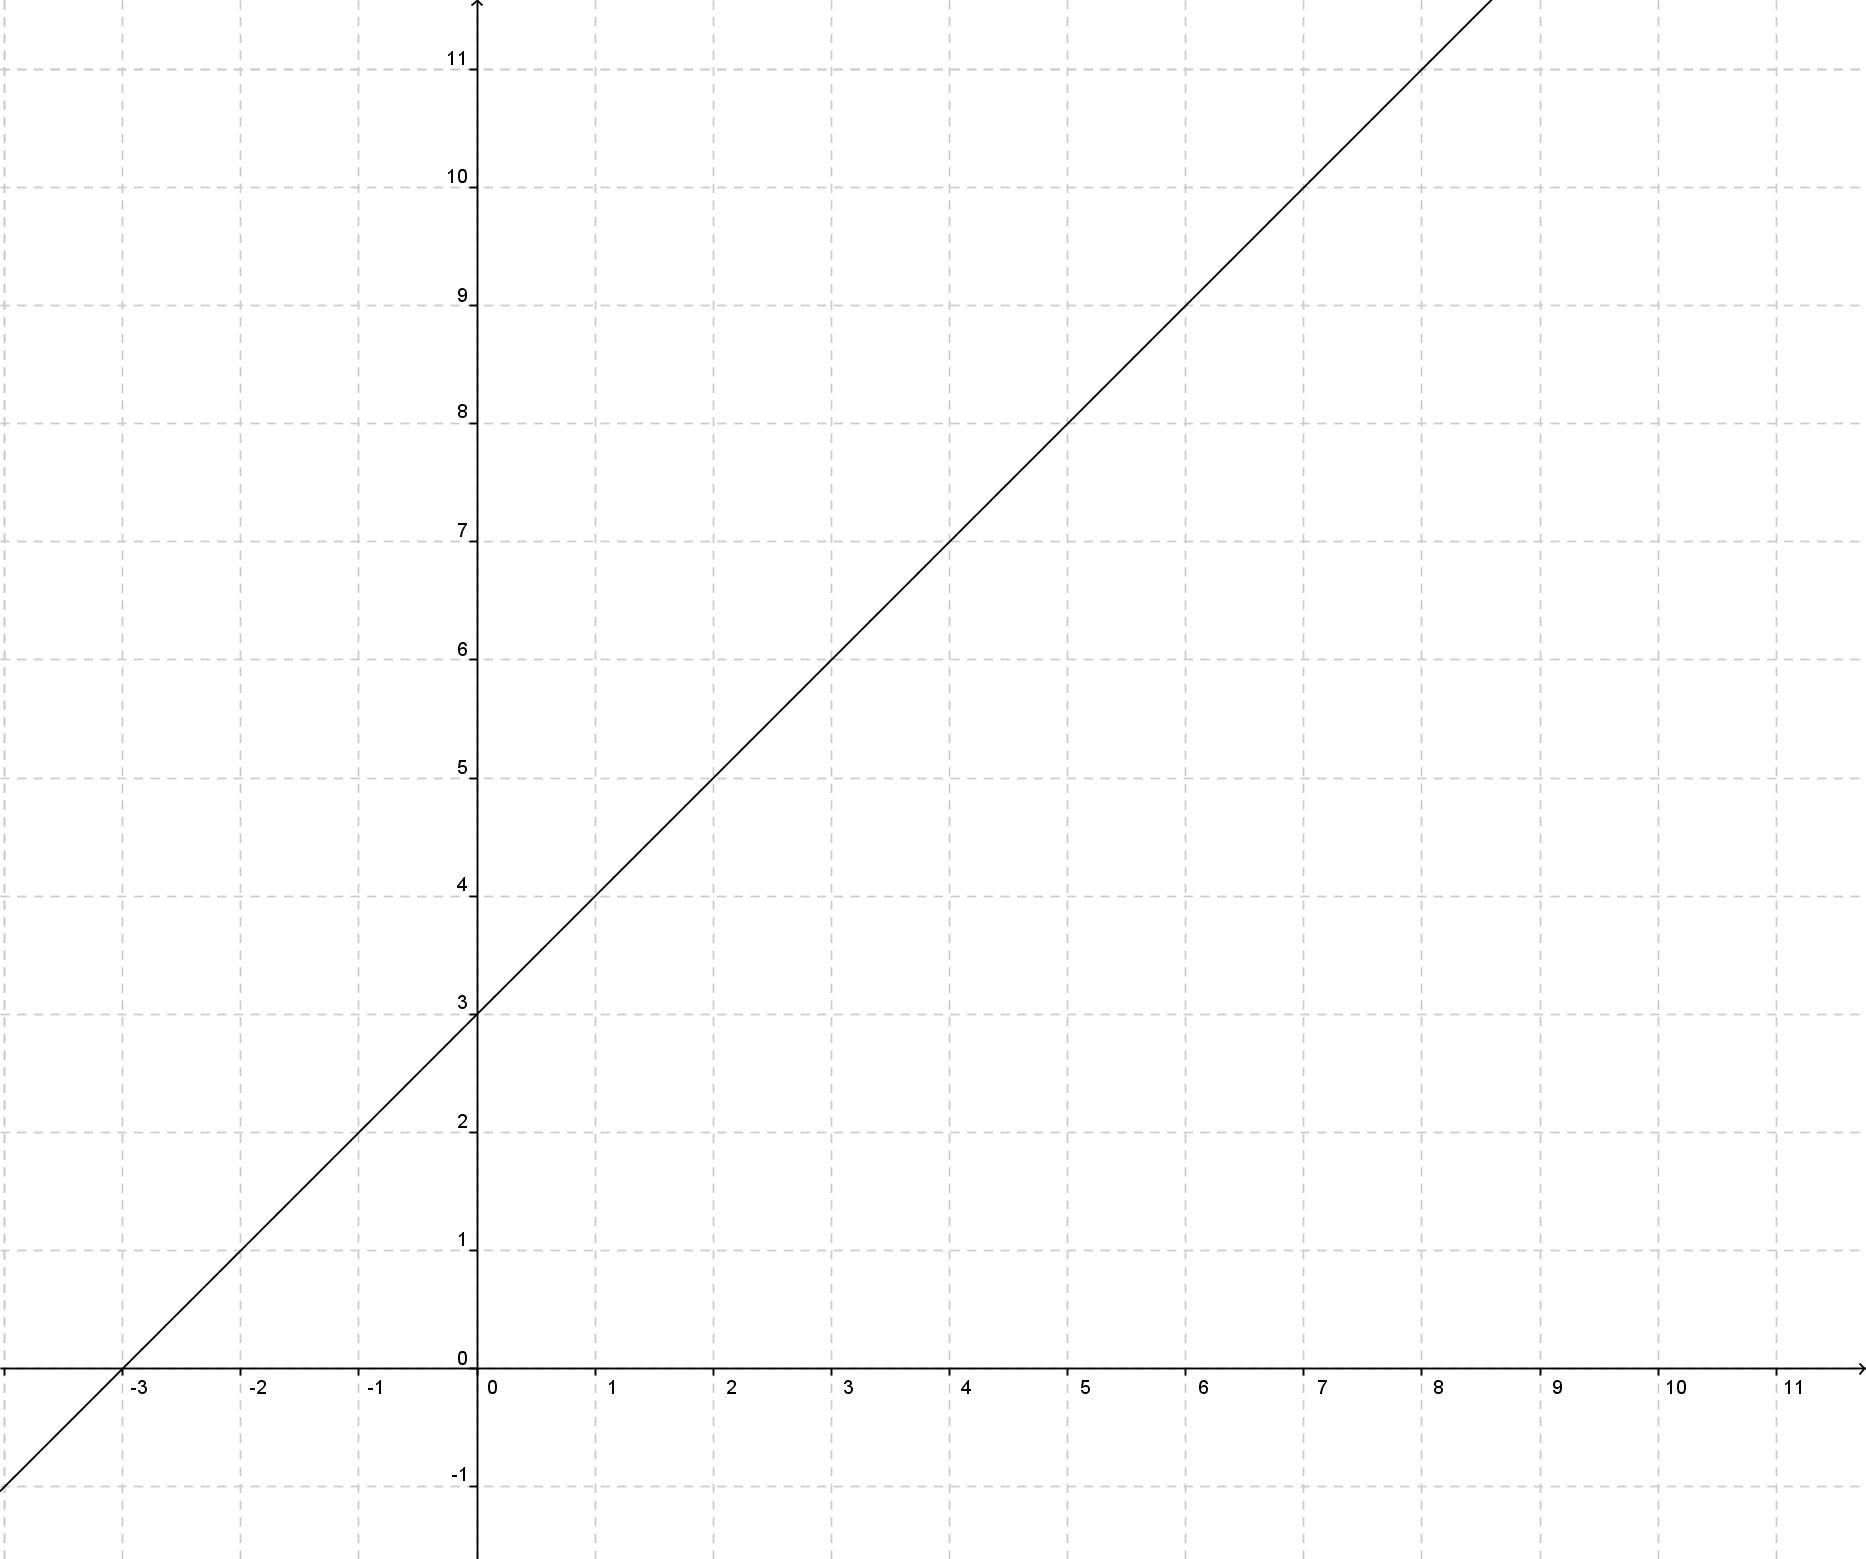 Graf 1.